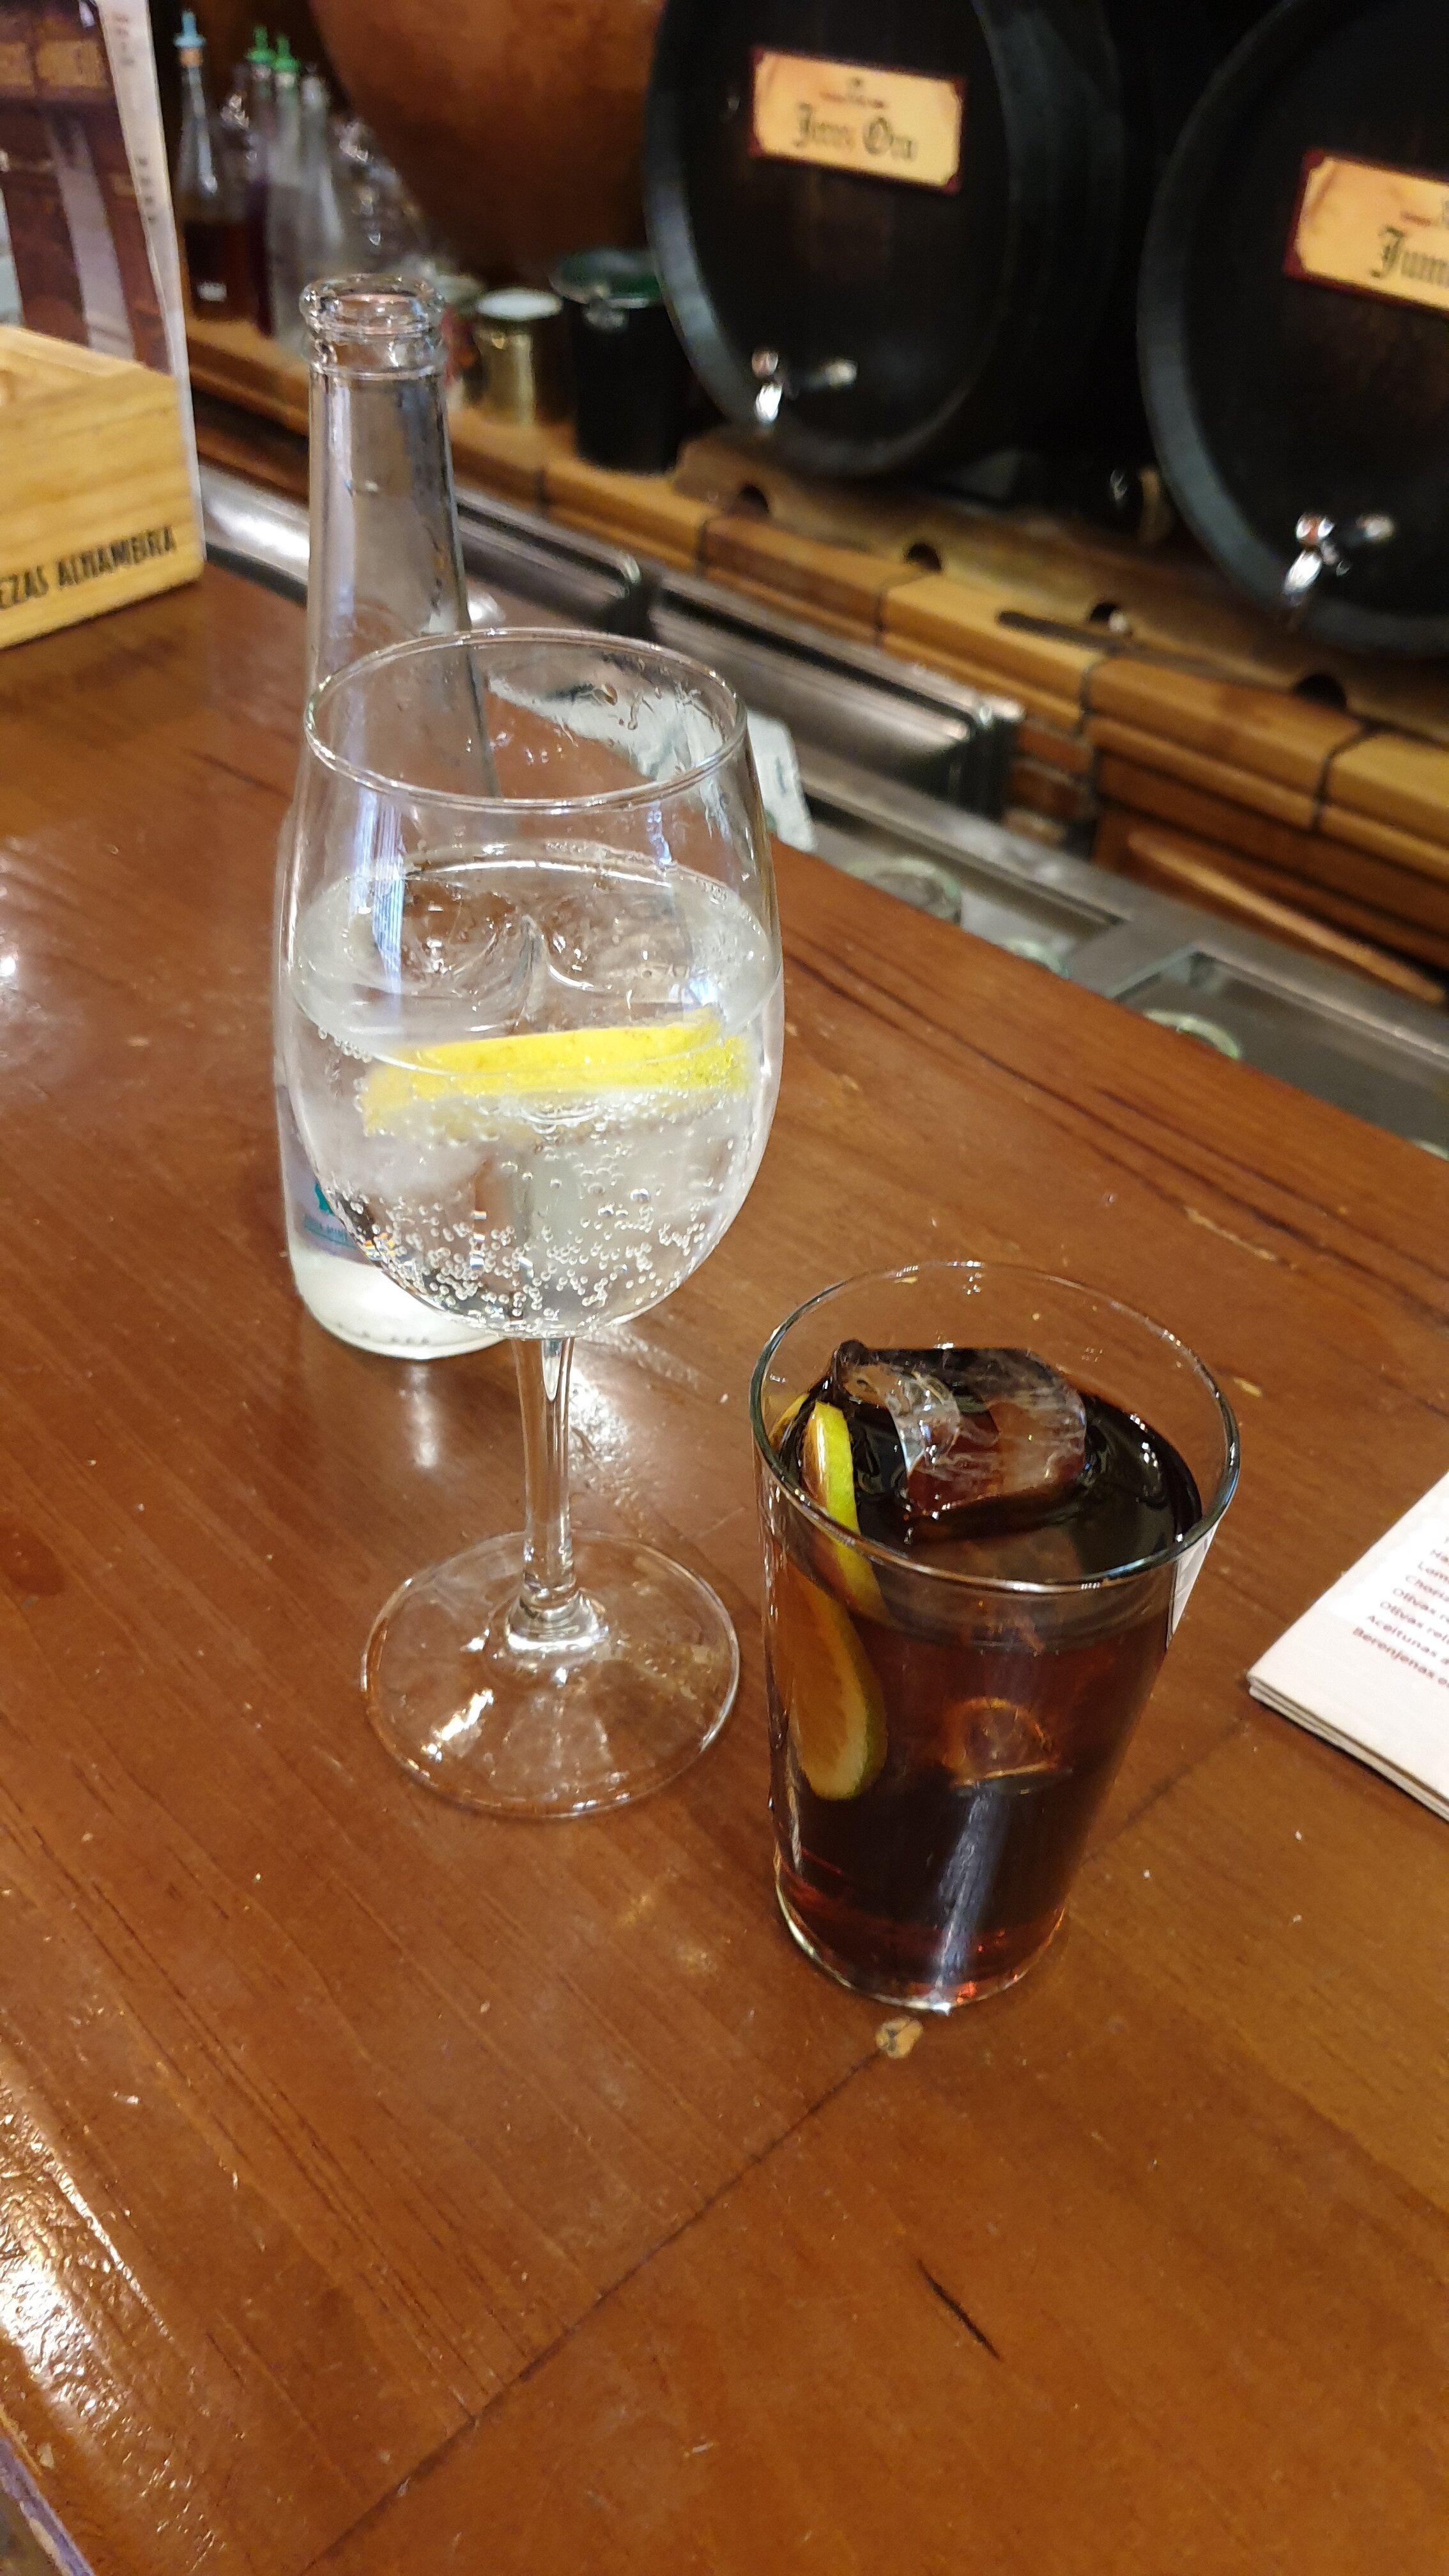 Vermouth aperitif in Granada, Spain. Delicious as always  (photo: Breno Salvador)